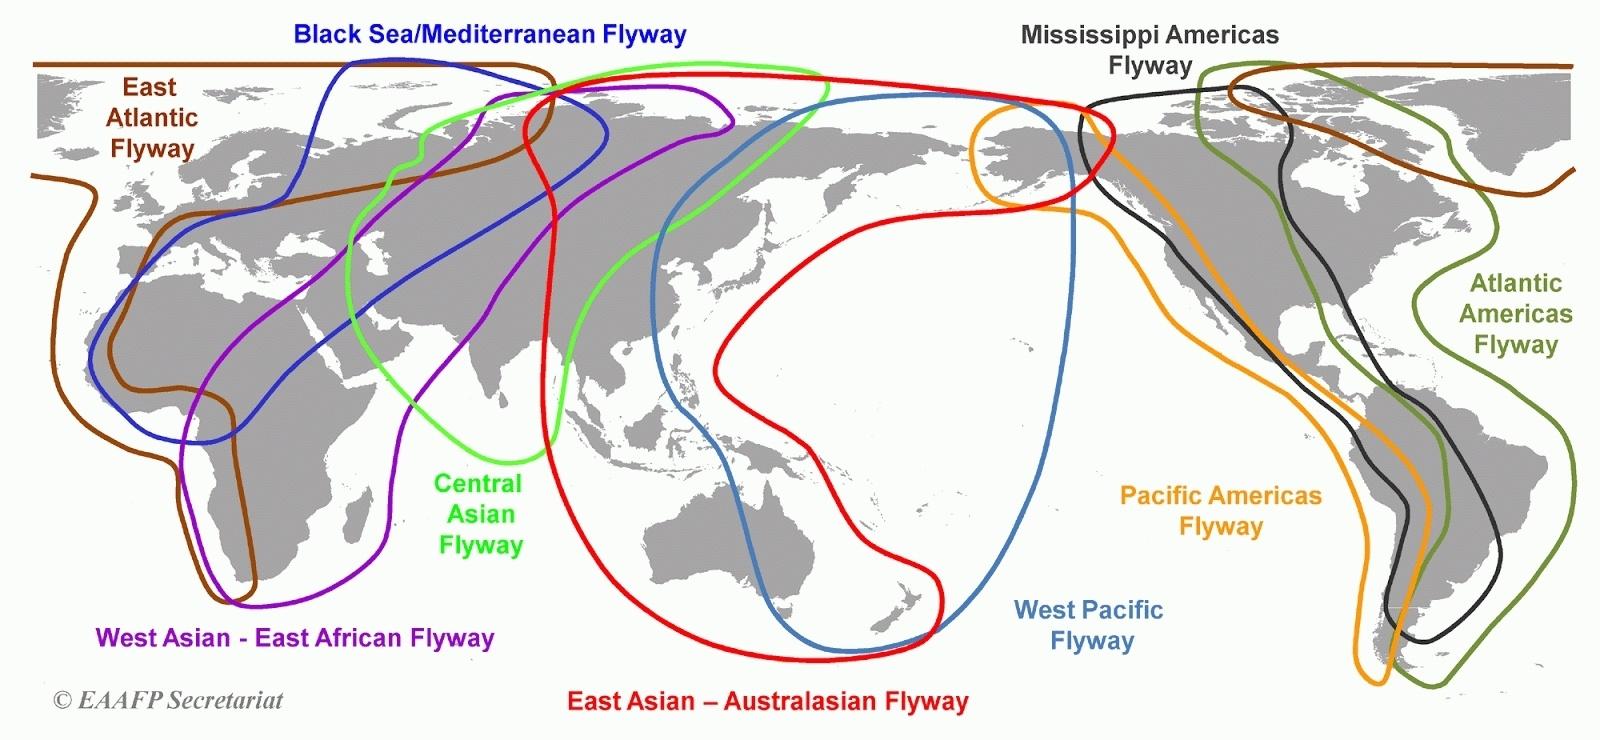 Common Bird Census, или биоинформатика в орнитологии. Проект в хорошие руки - 2